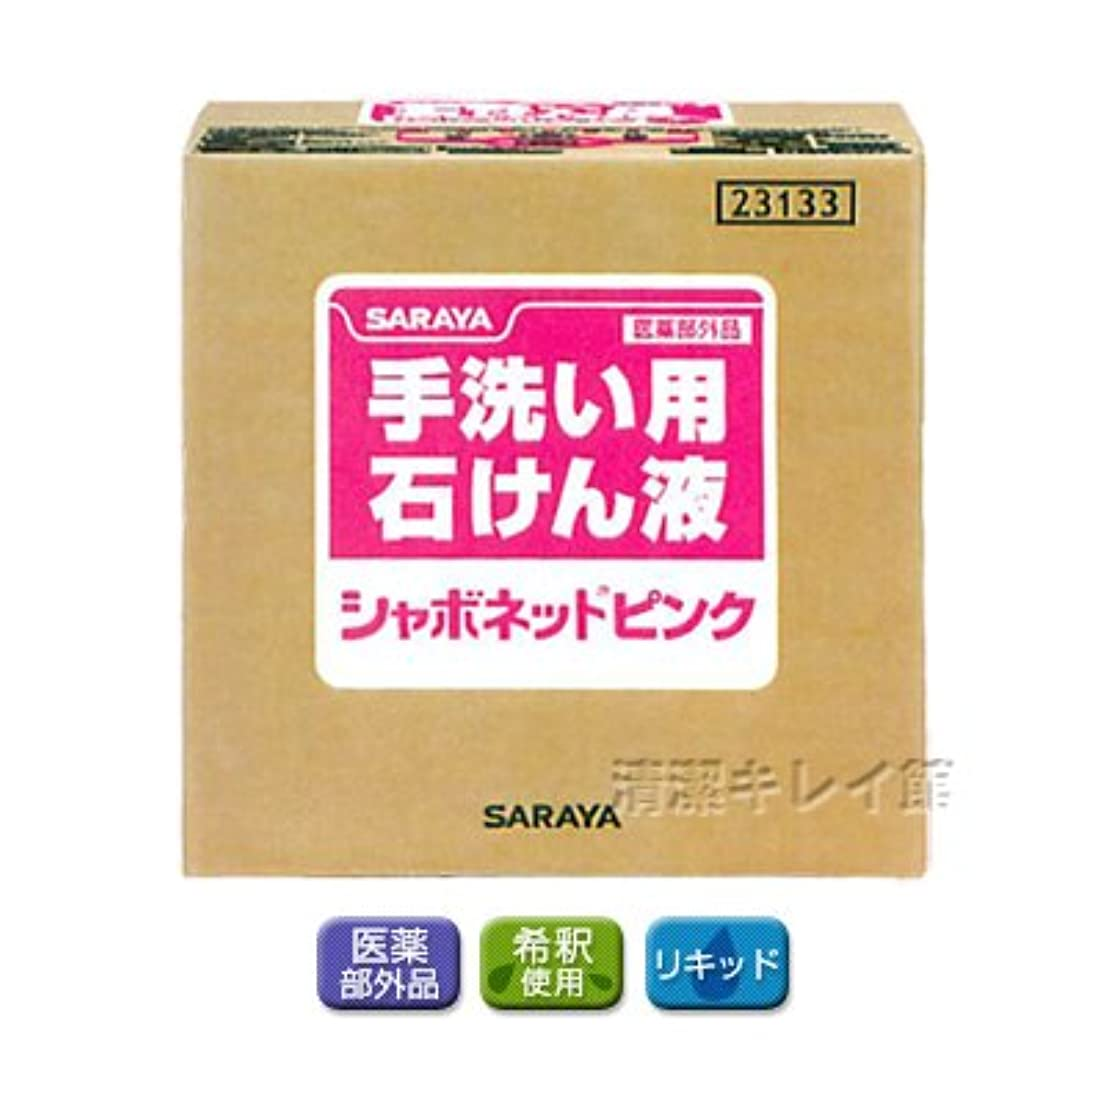 【清潔キレイ館】サラヤ シャボネットピンク(20kg)